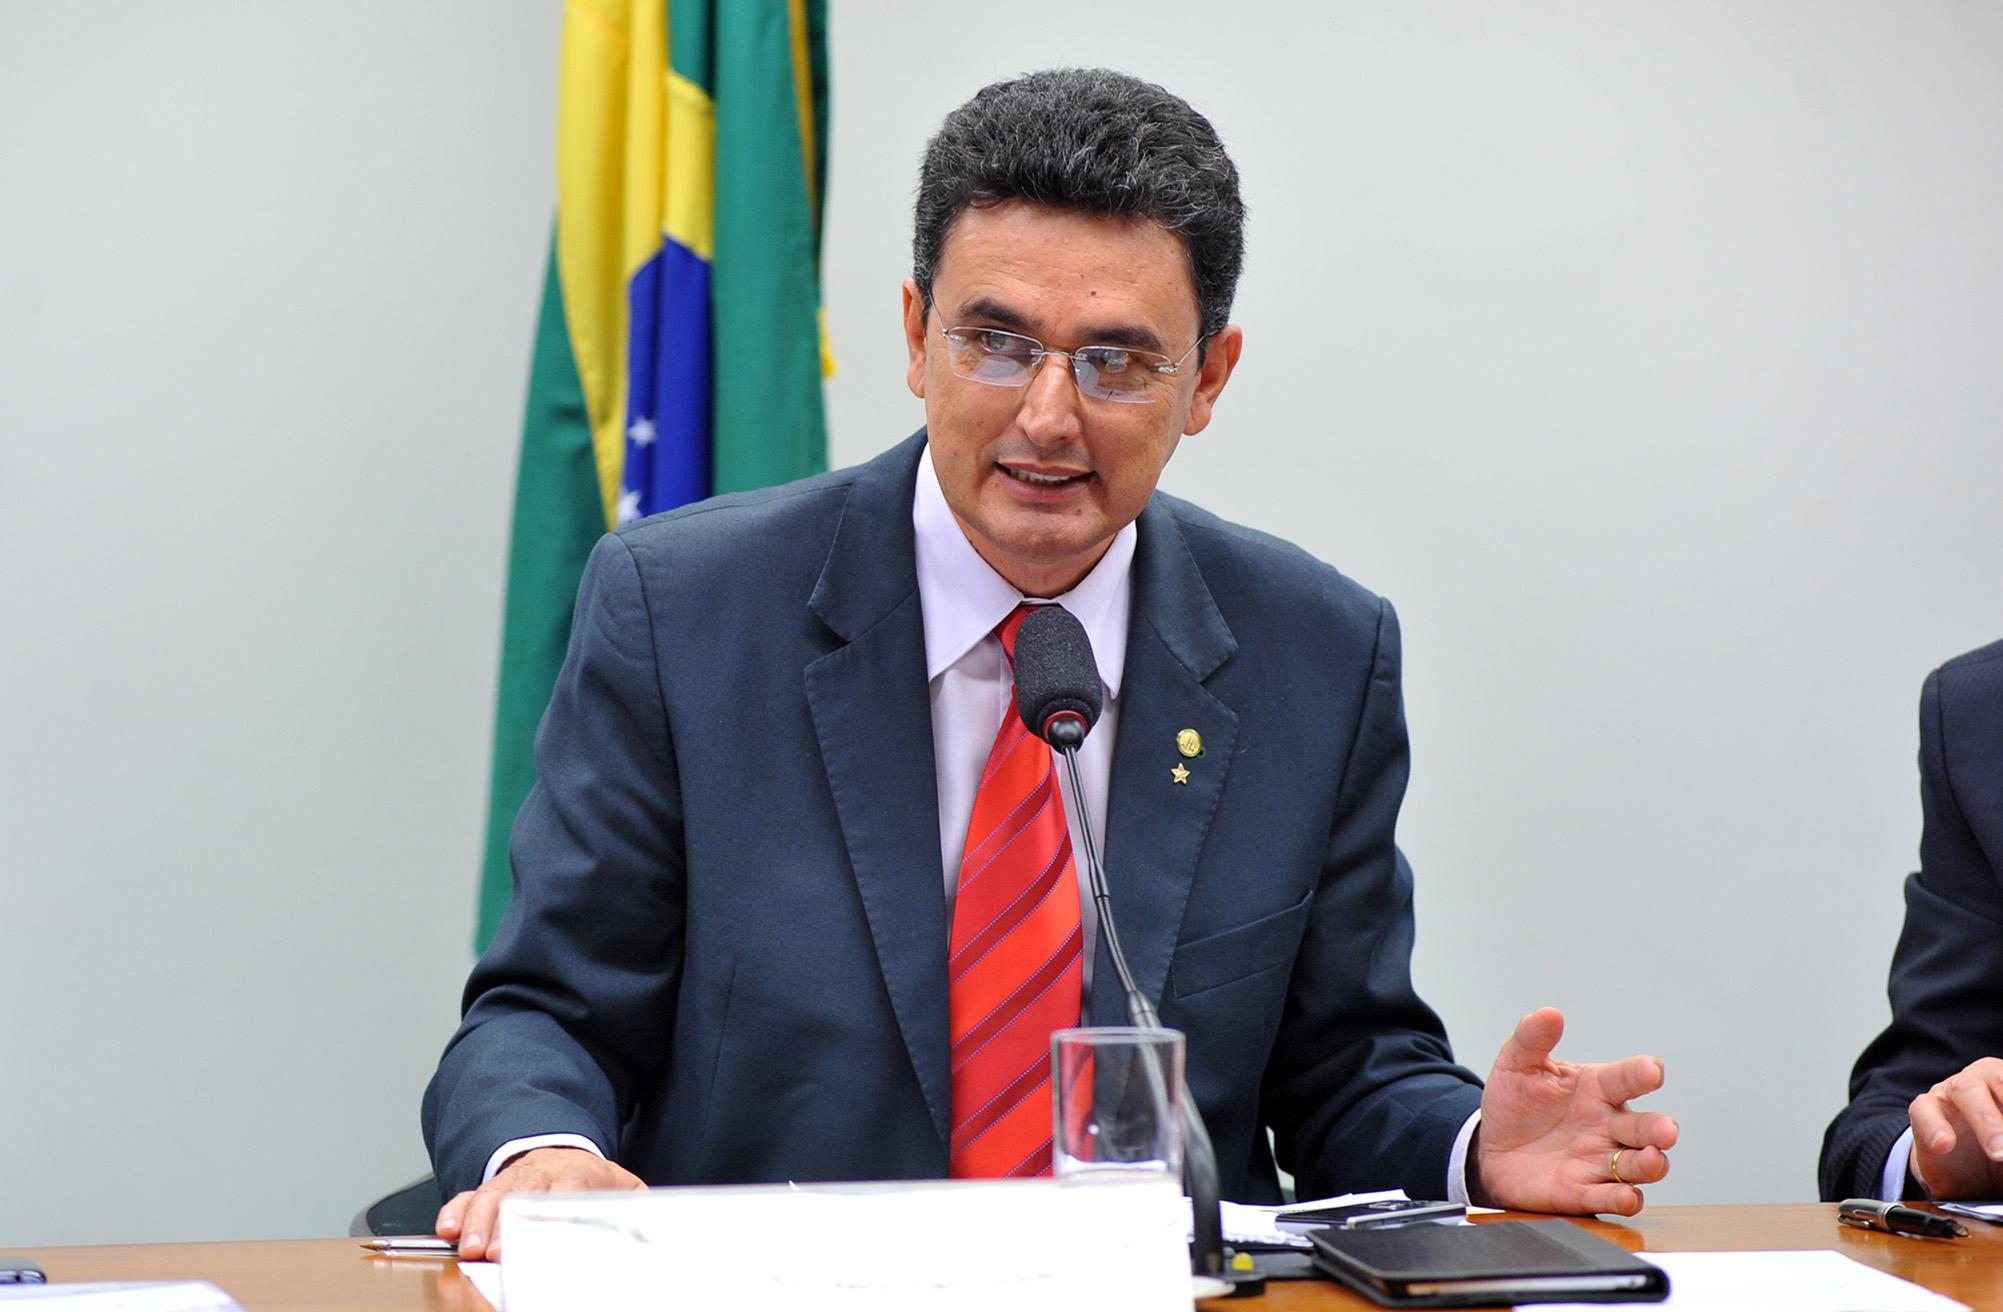 Ságuas Moraes